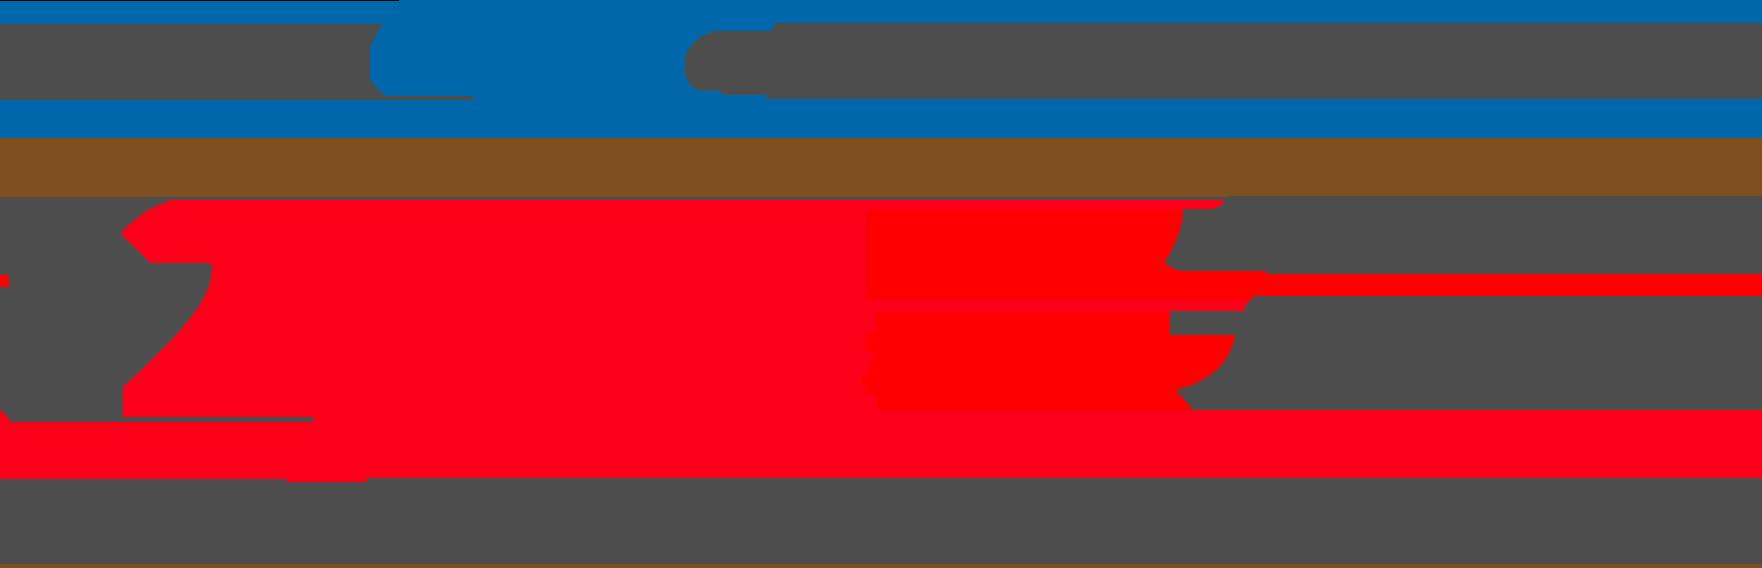 東京ガス:最大2000円相当のパッチョポイントプレゼントキャンペーン